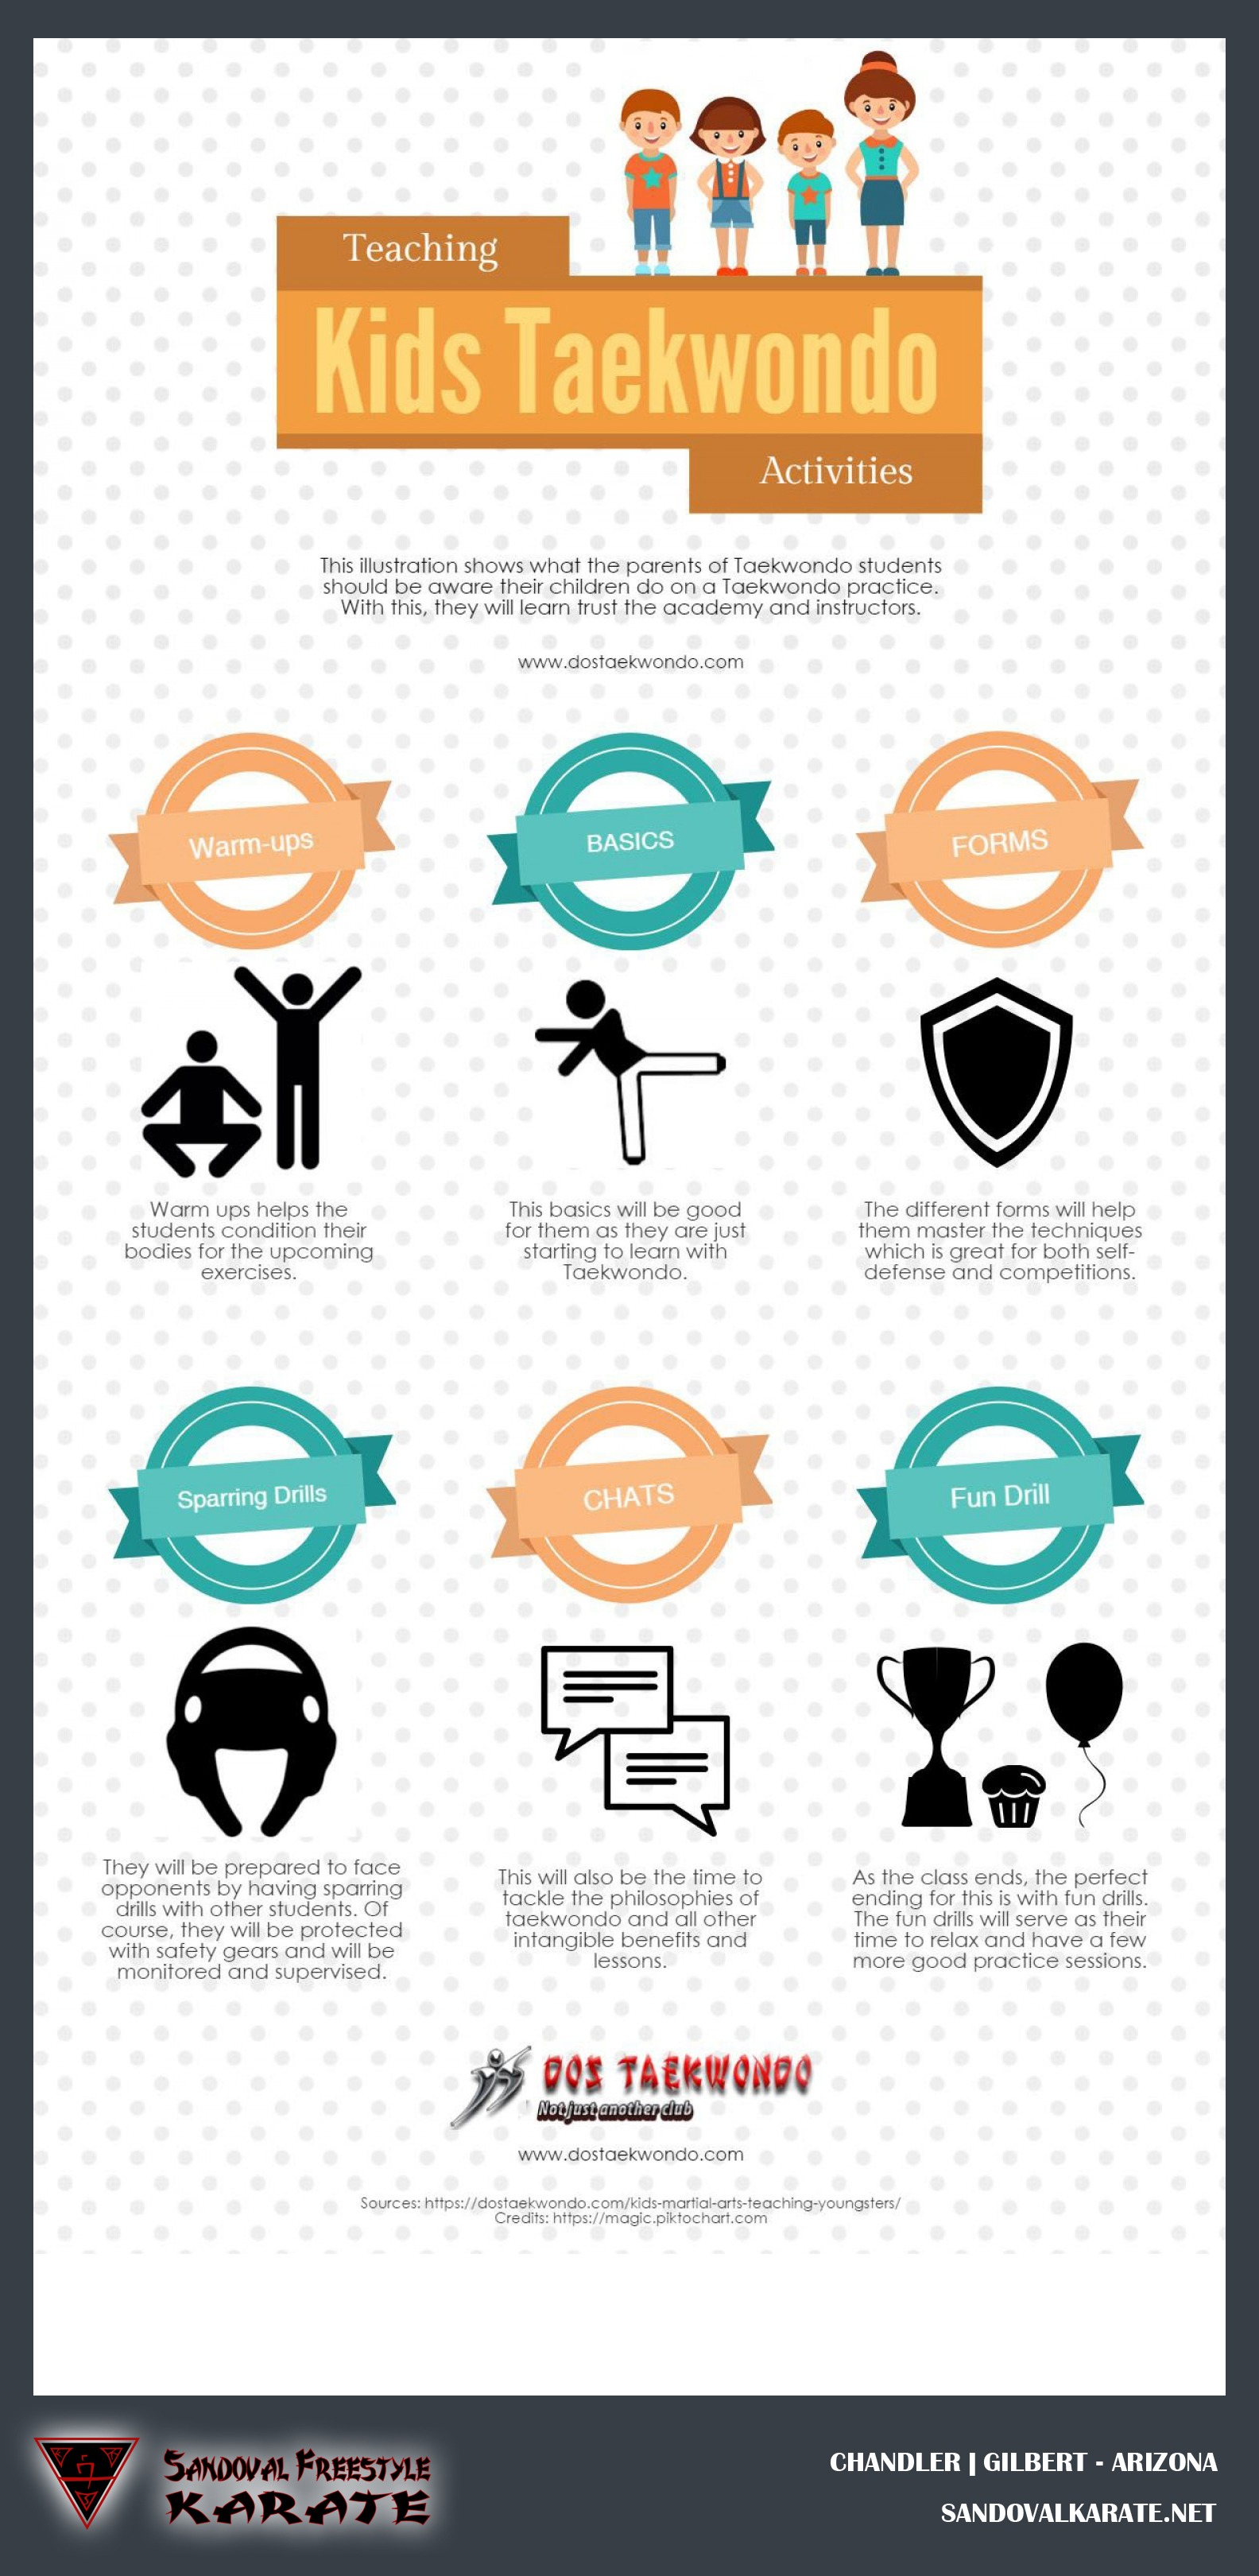 Teaching Kids Taekwondo Activities Infographic